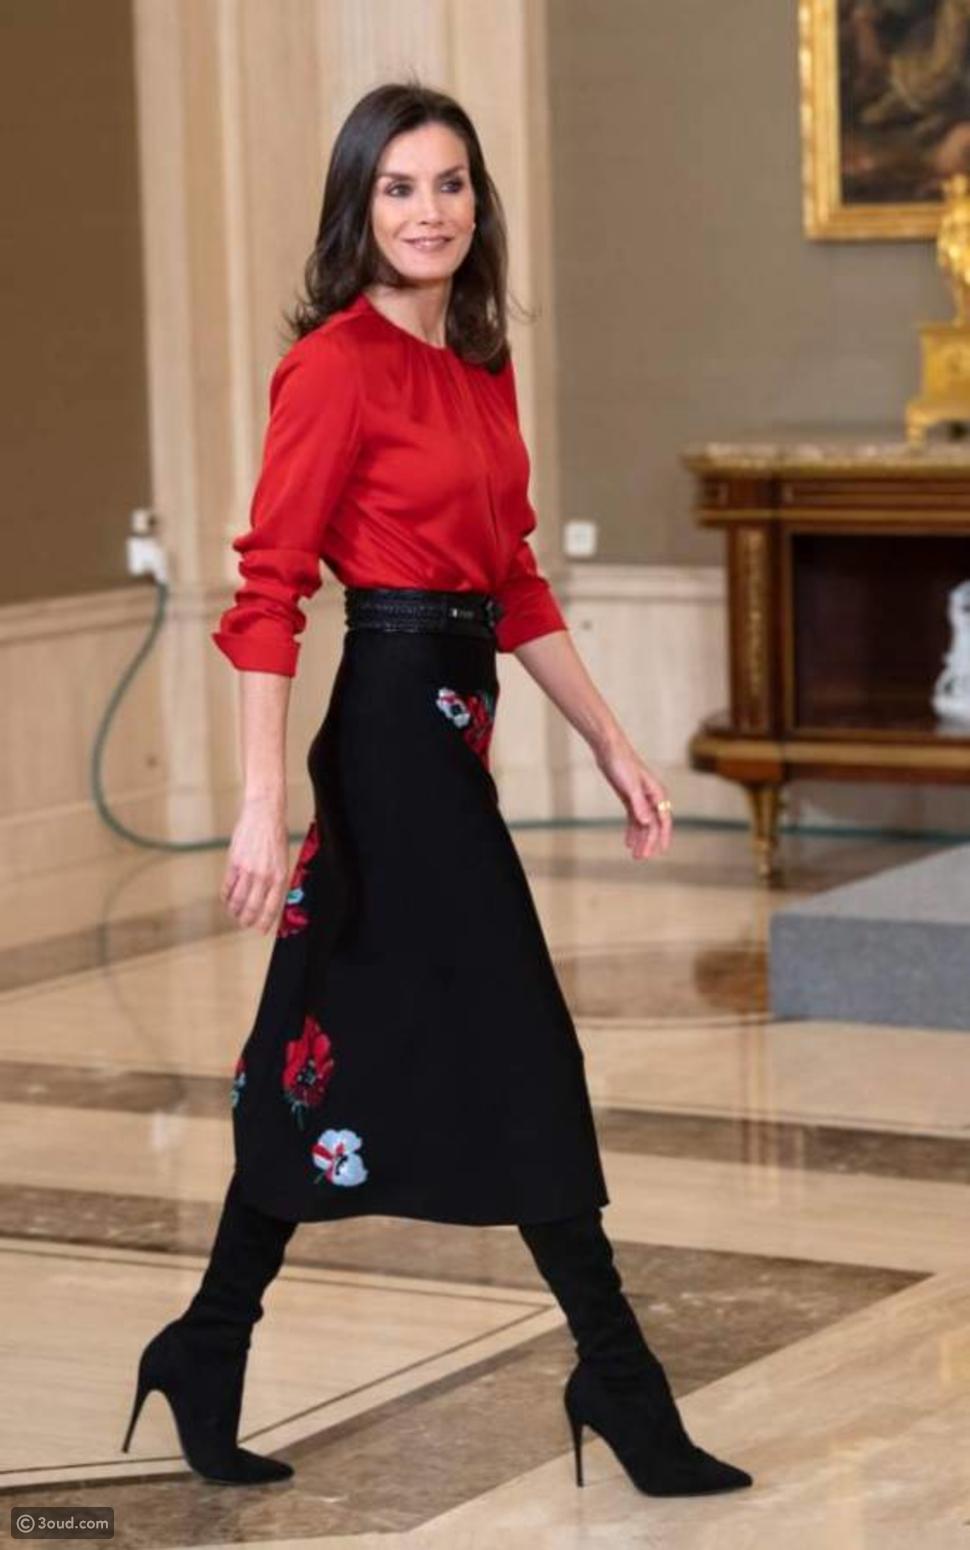 ليتيزيا ملكة إسبانيا في تنورة مطرزة بالورود